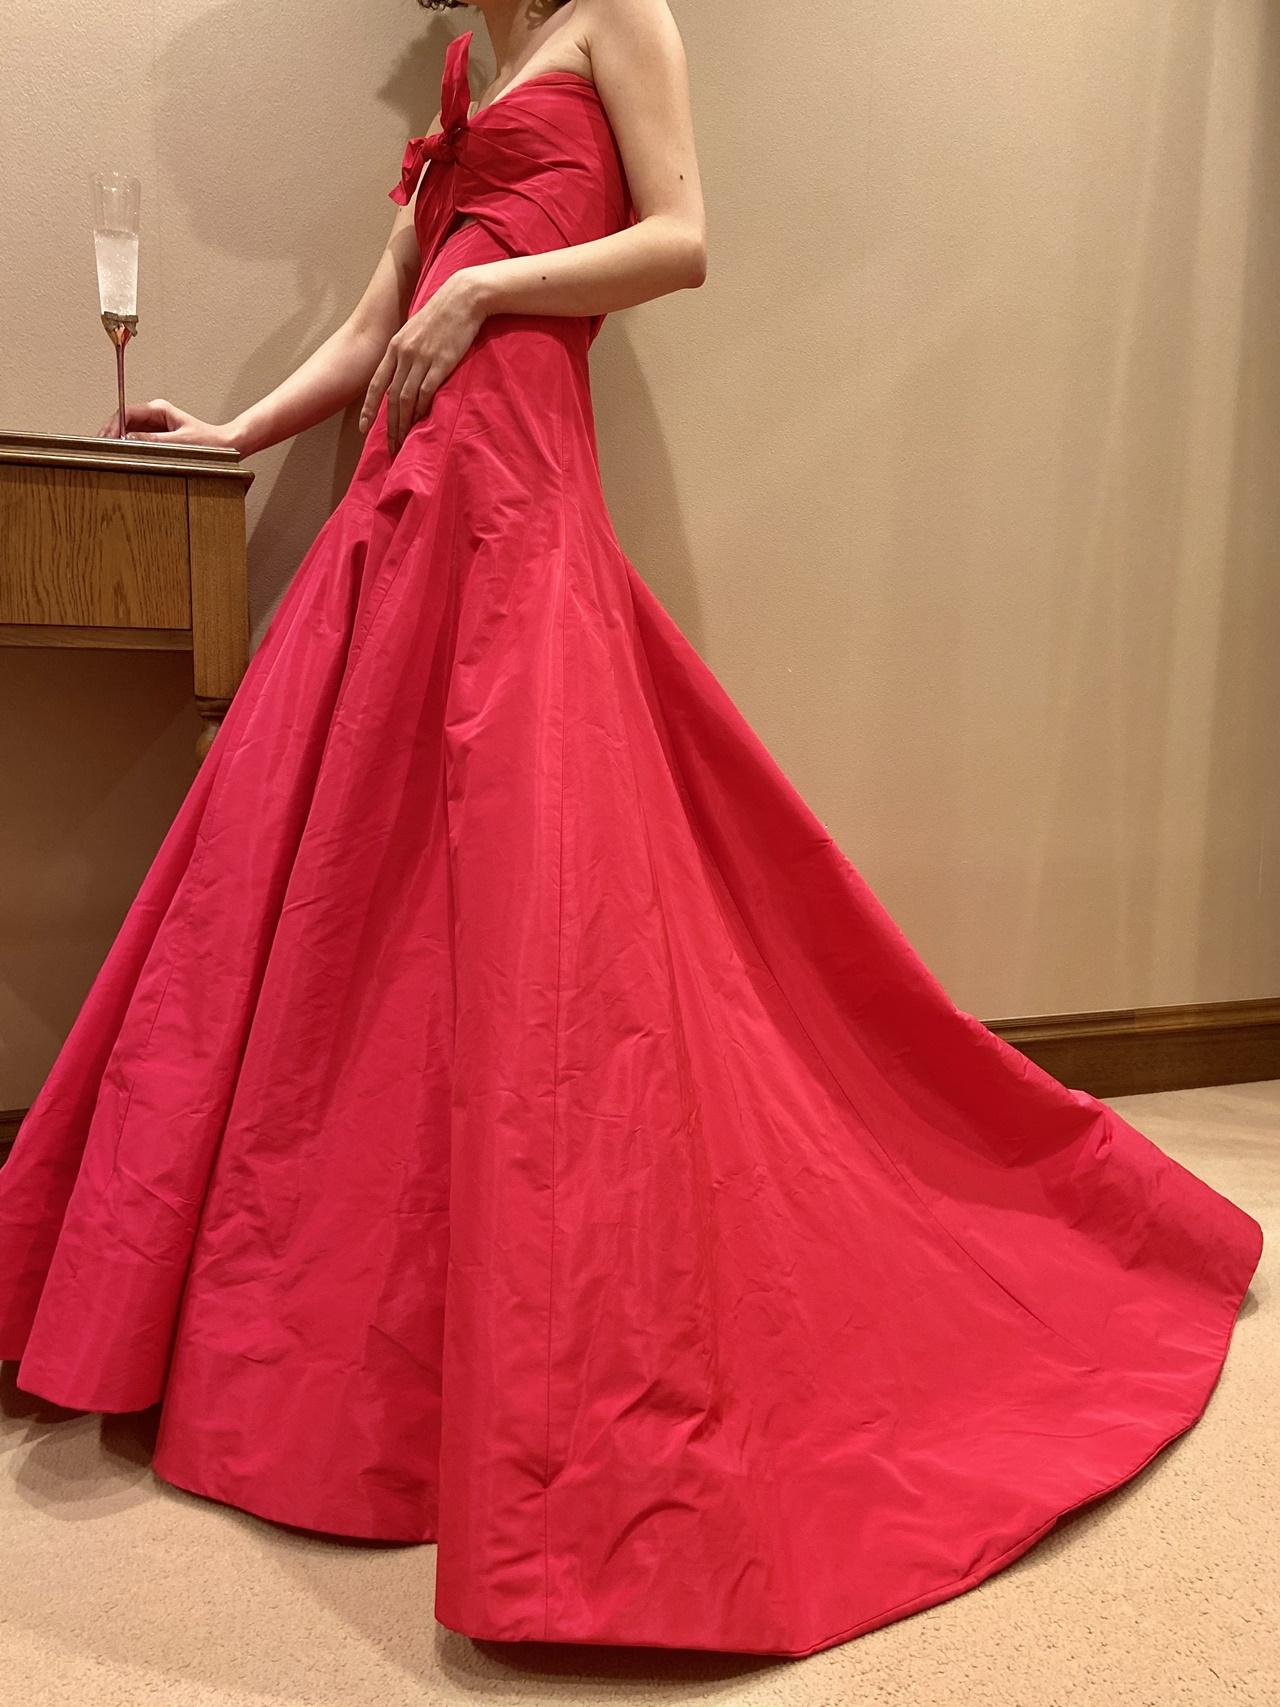 モニーク ルイリエの赤のカラードレスは、流れるようなAラインが飾りすぎないロマンティックさを演出